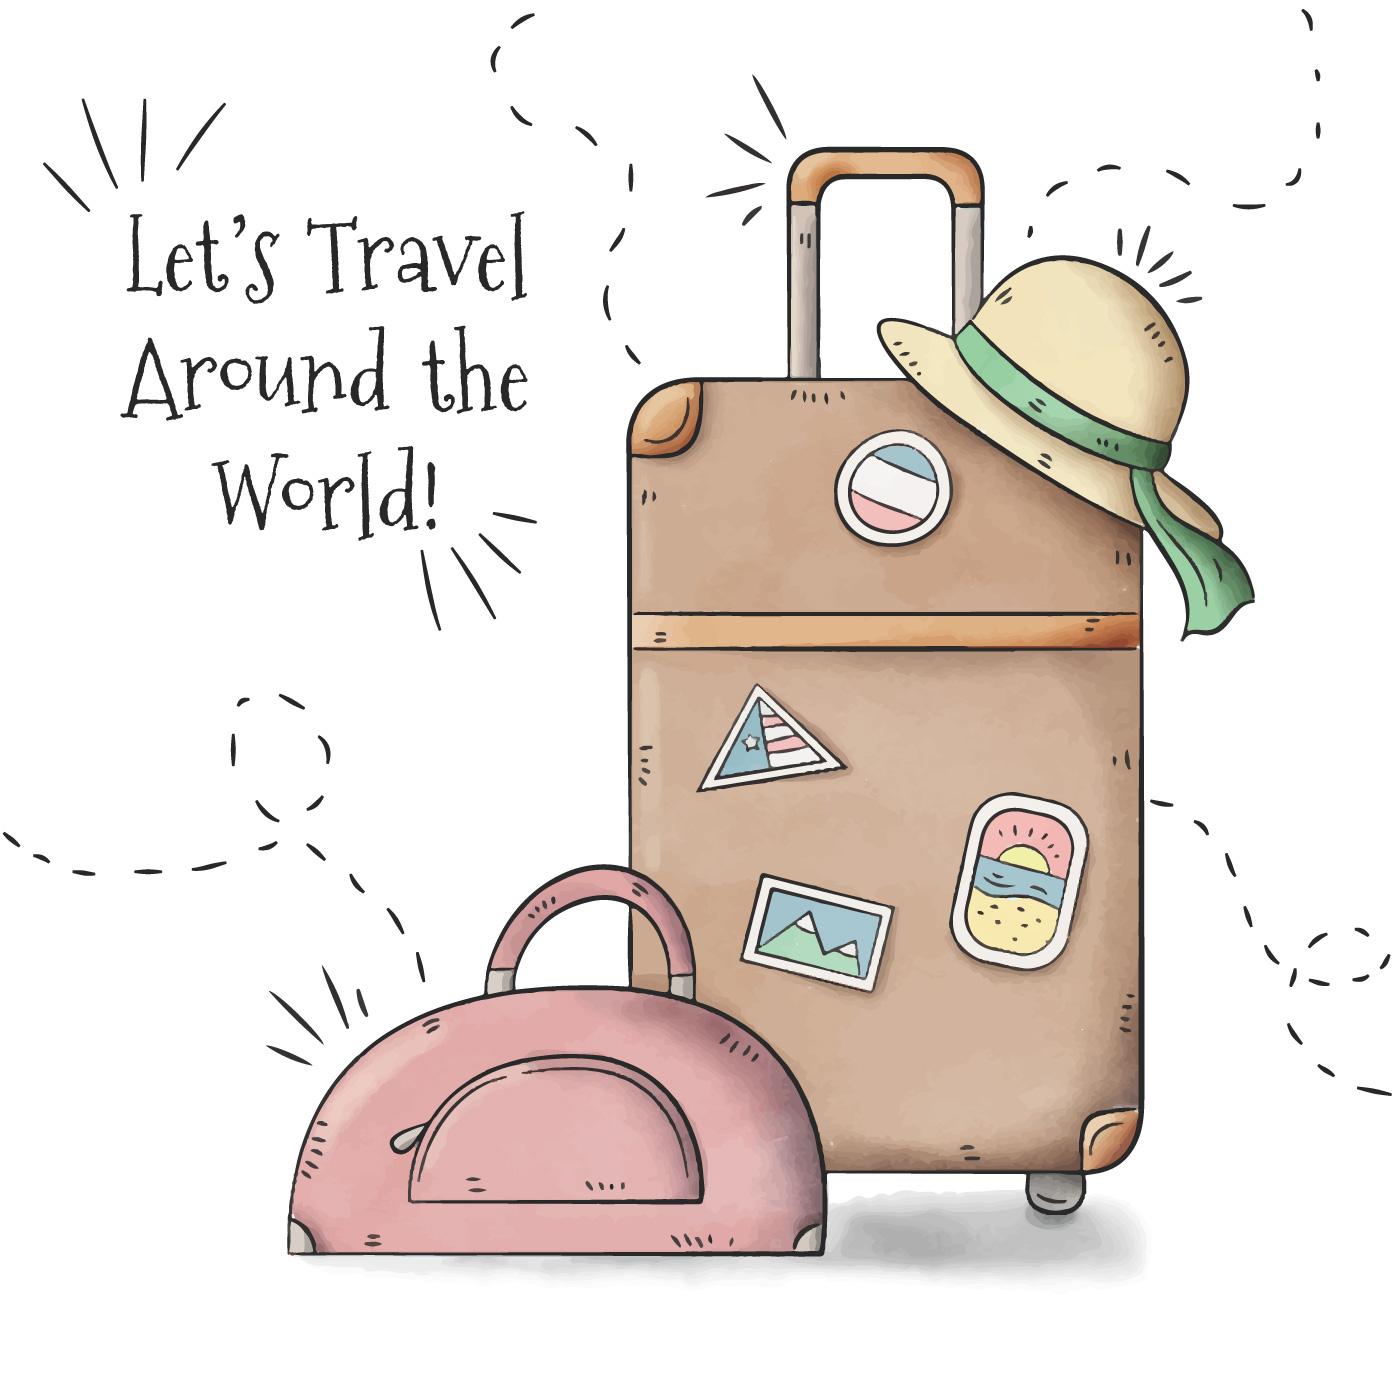 旅行素材 免費下載 | 天天瘋後製